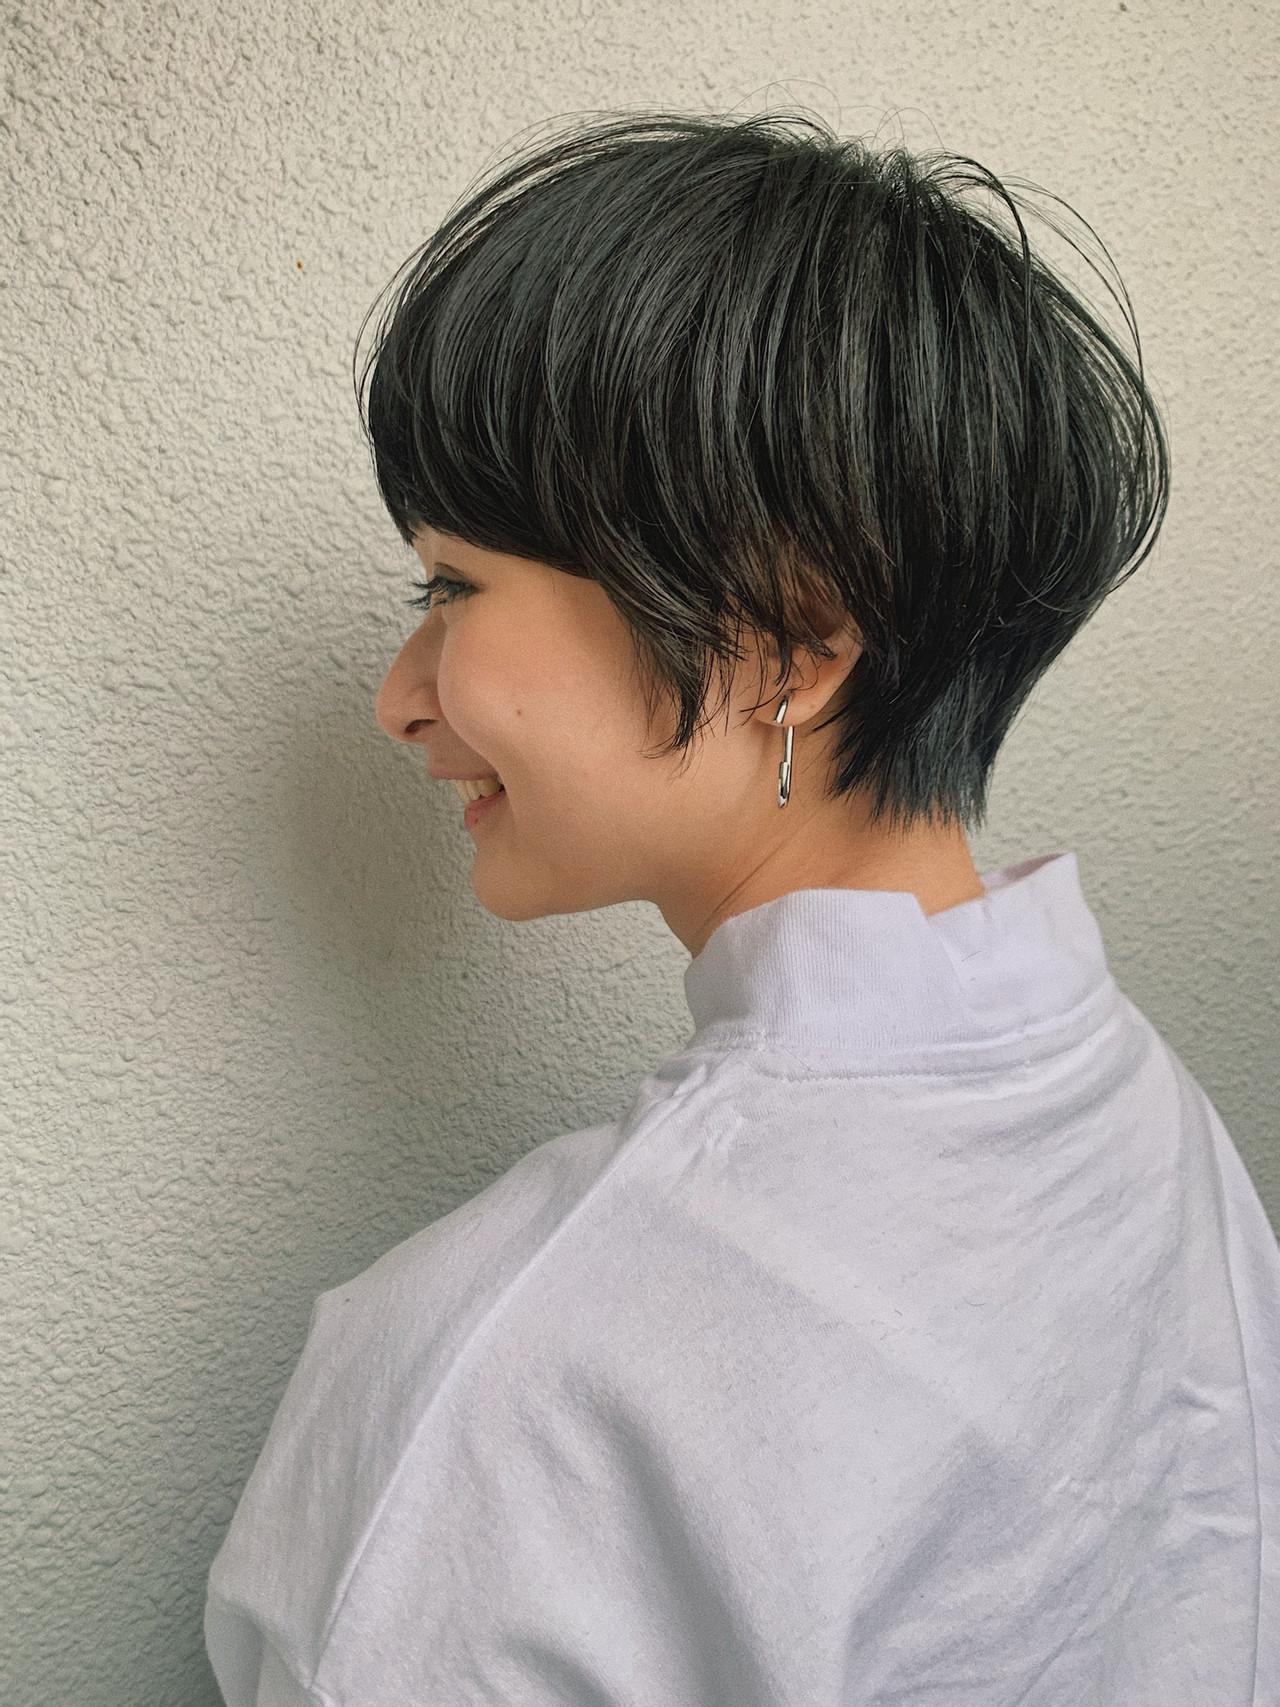 マッシュショート ベリーショート ショートボブ ショート ヘアスタイルや髪型の写真・画像